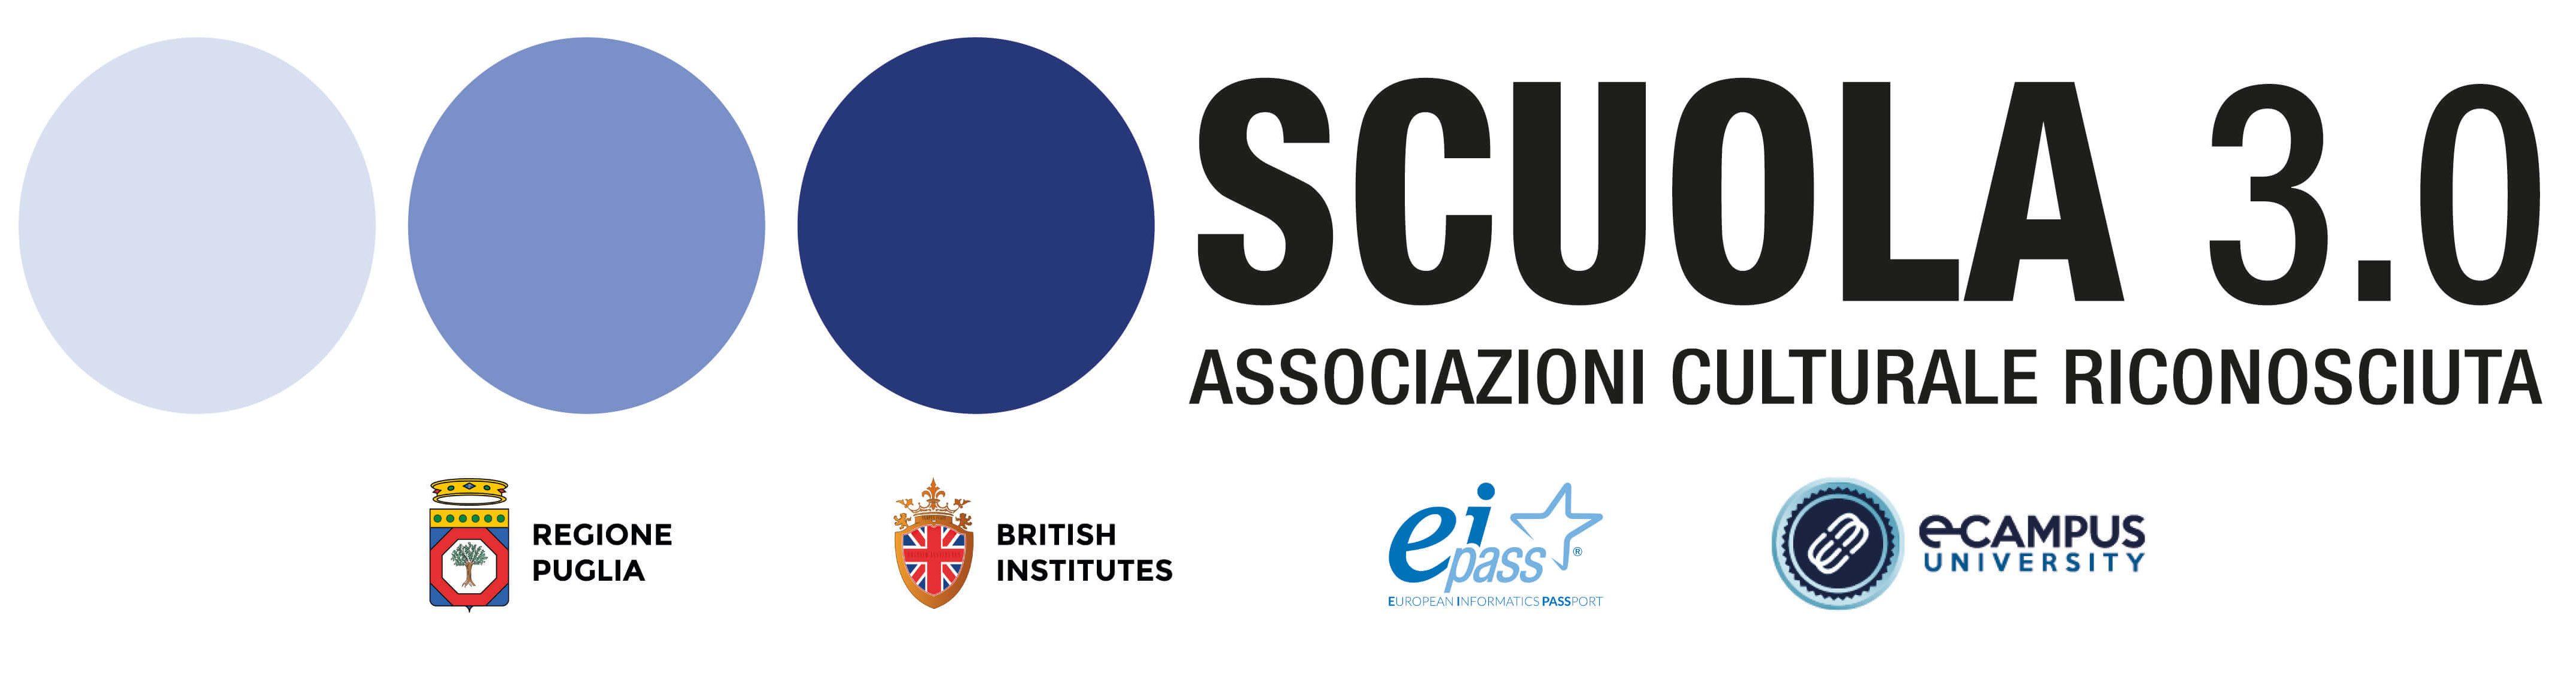 Associazione Culturale Scuola 3.0